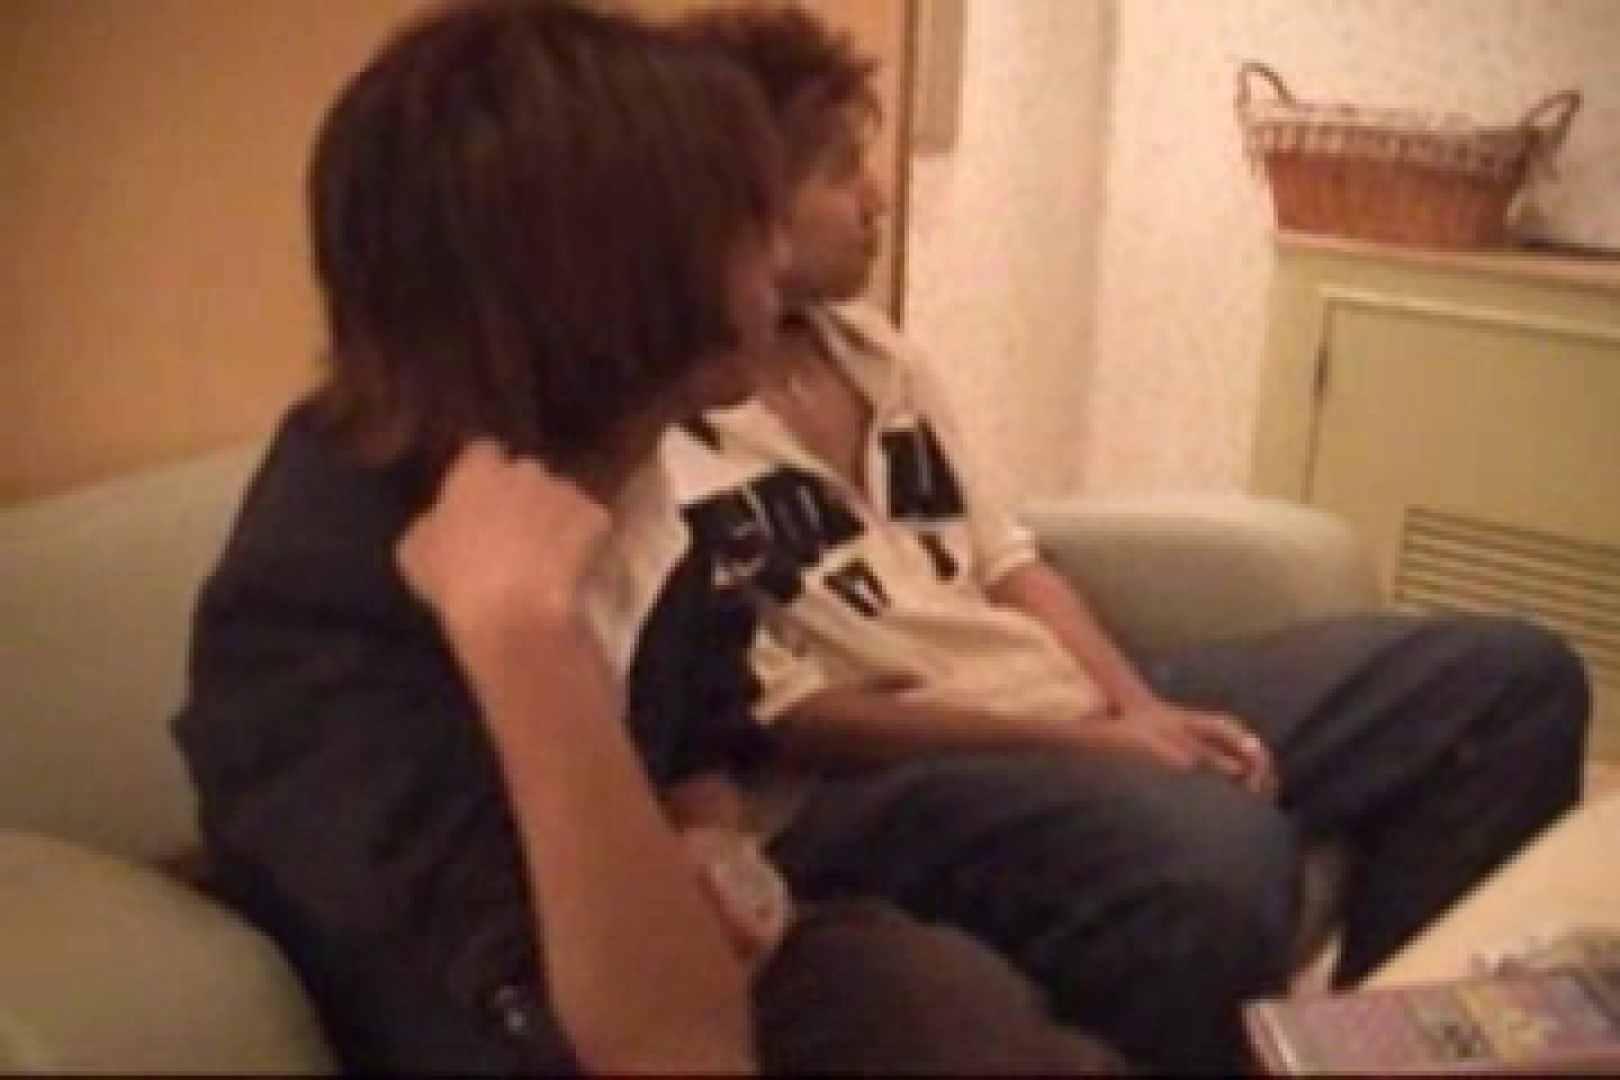 【流出】ジャニ系イケメン!!フライング&アナルが痛くて出来ません!! モザ無し ゲイセックス画像 83枚 64